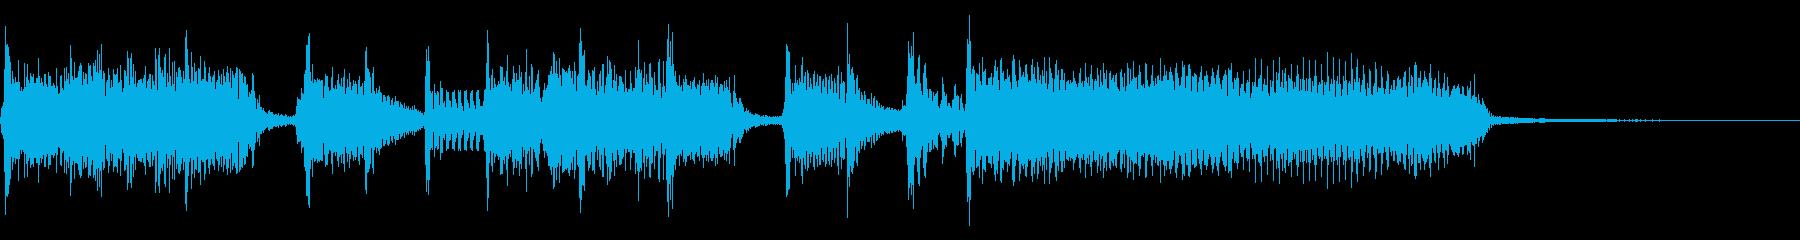 インパクトあるロックなジングル05の再生済みの波形